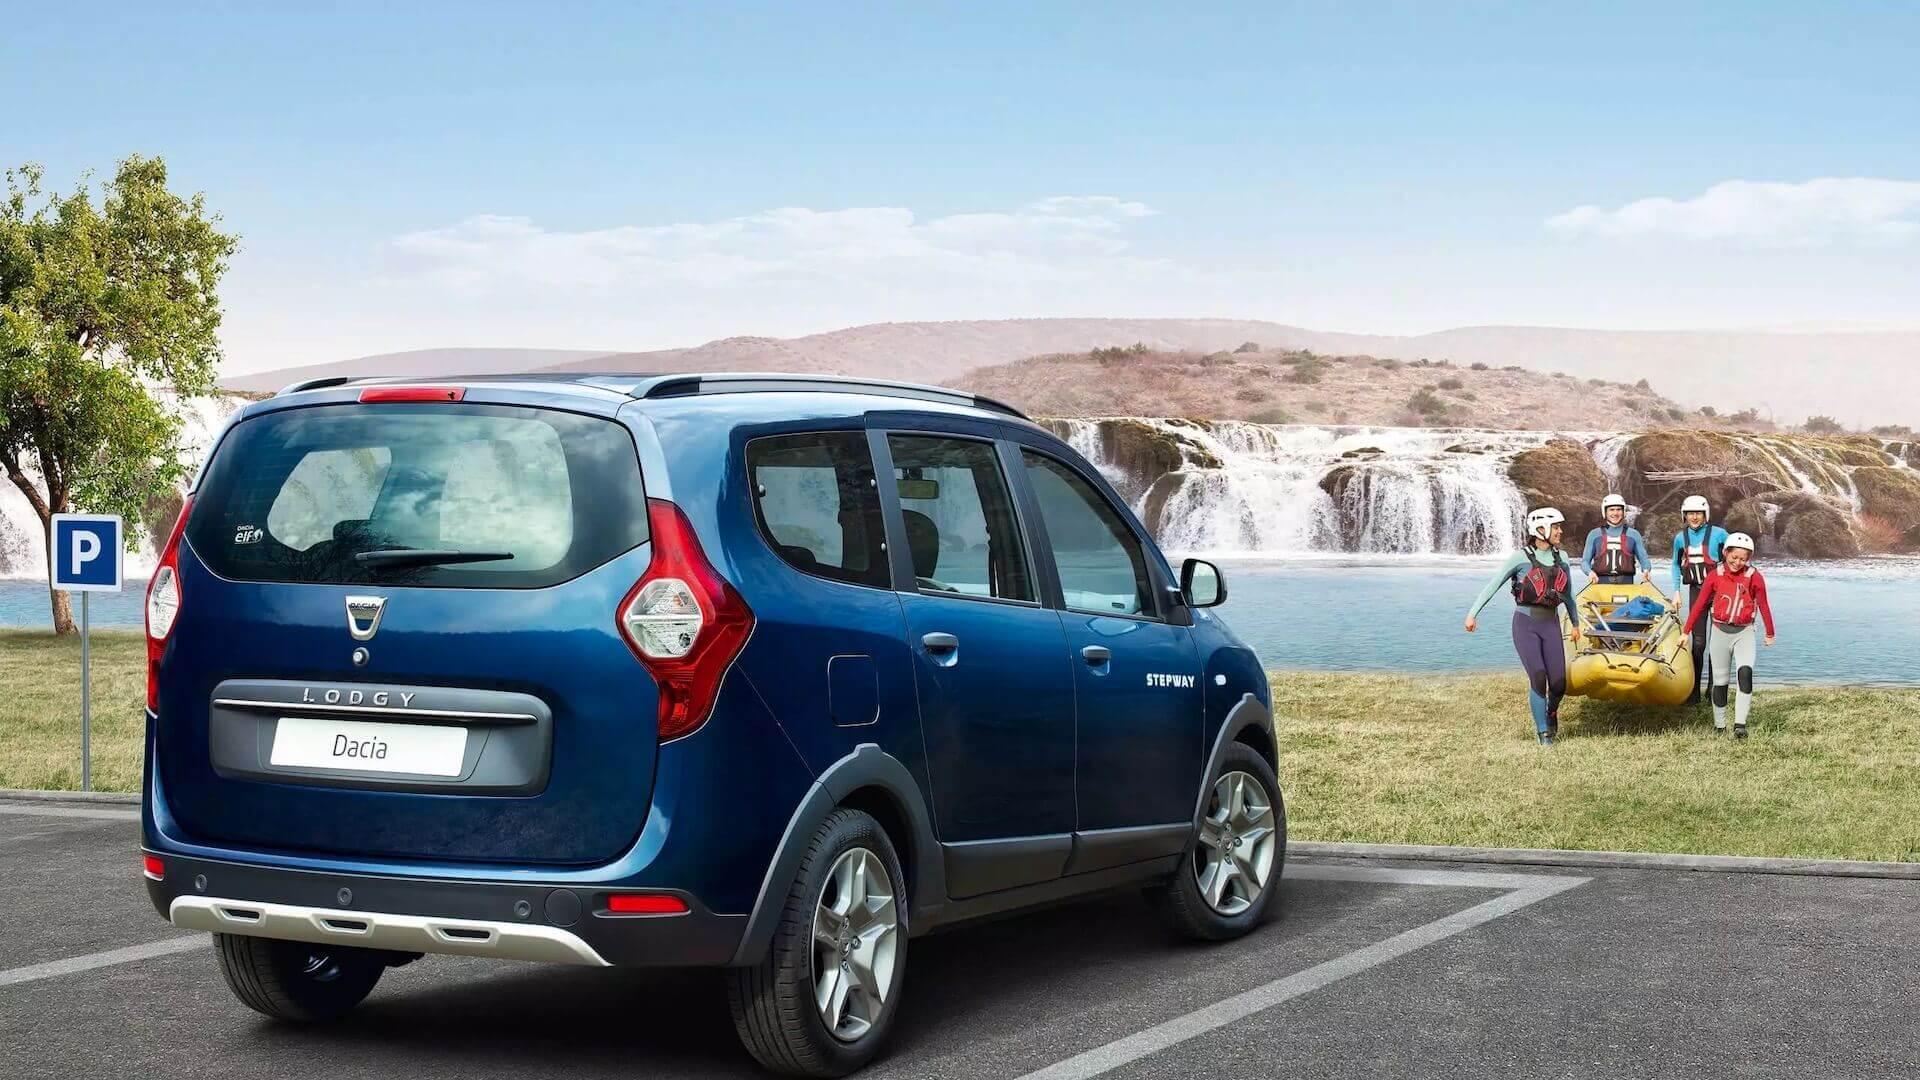 Heckansicht vom blauen Auto - Auto Parkt - Familie mit einem Paddelboot im Hintergrund - Dacia Lodgy - Renault Ahrens Hannover